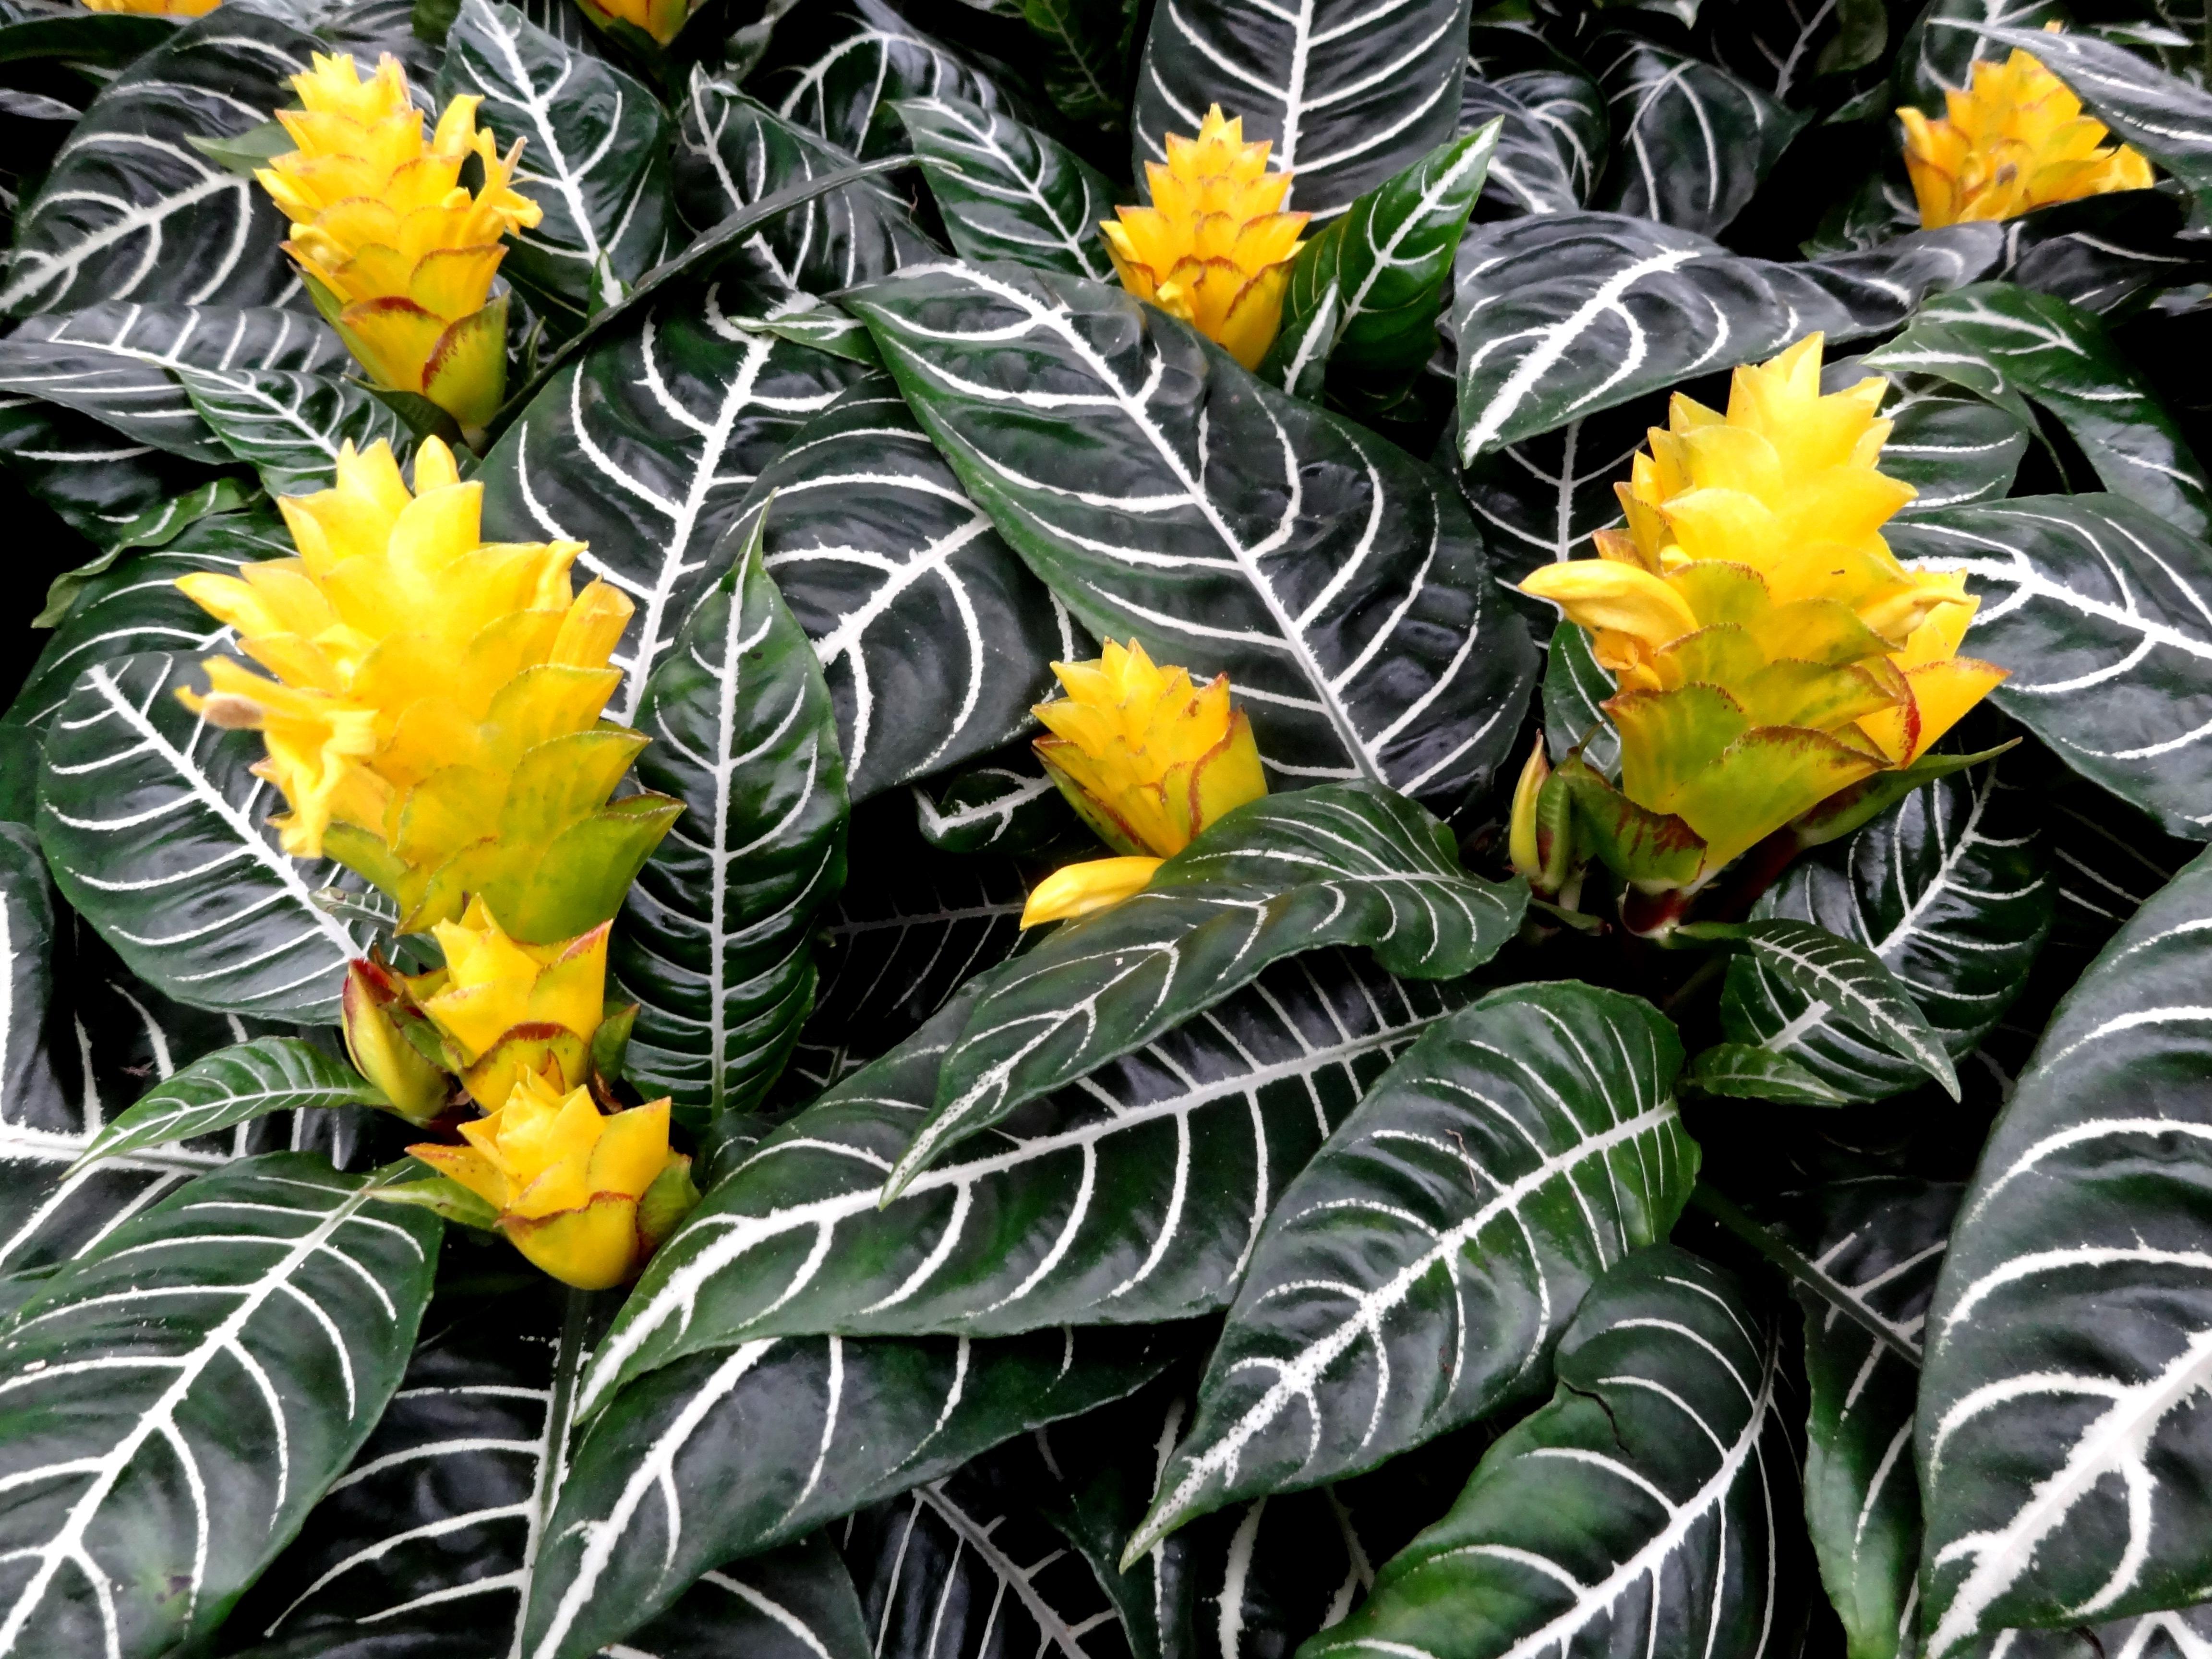 zimmerpflanze aus urgro mutters zeiten industrieverband agrar. Black Bedroom Furniture Sets. Home Design Ideas